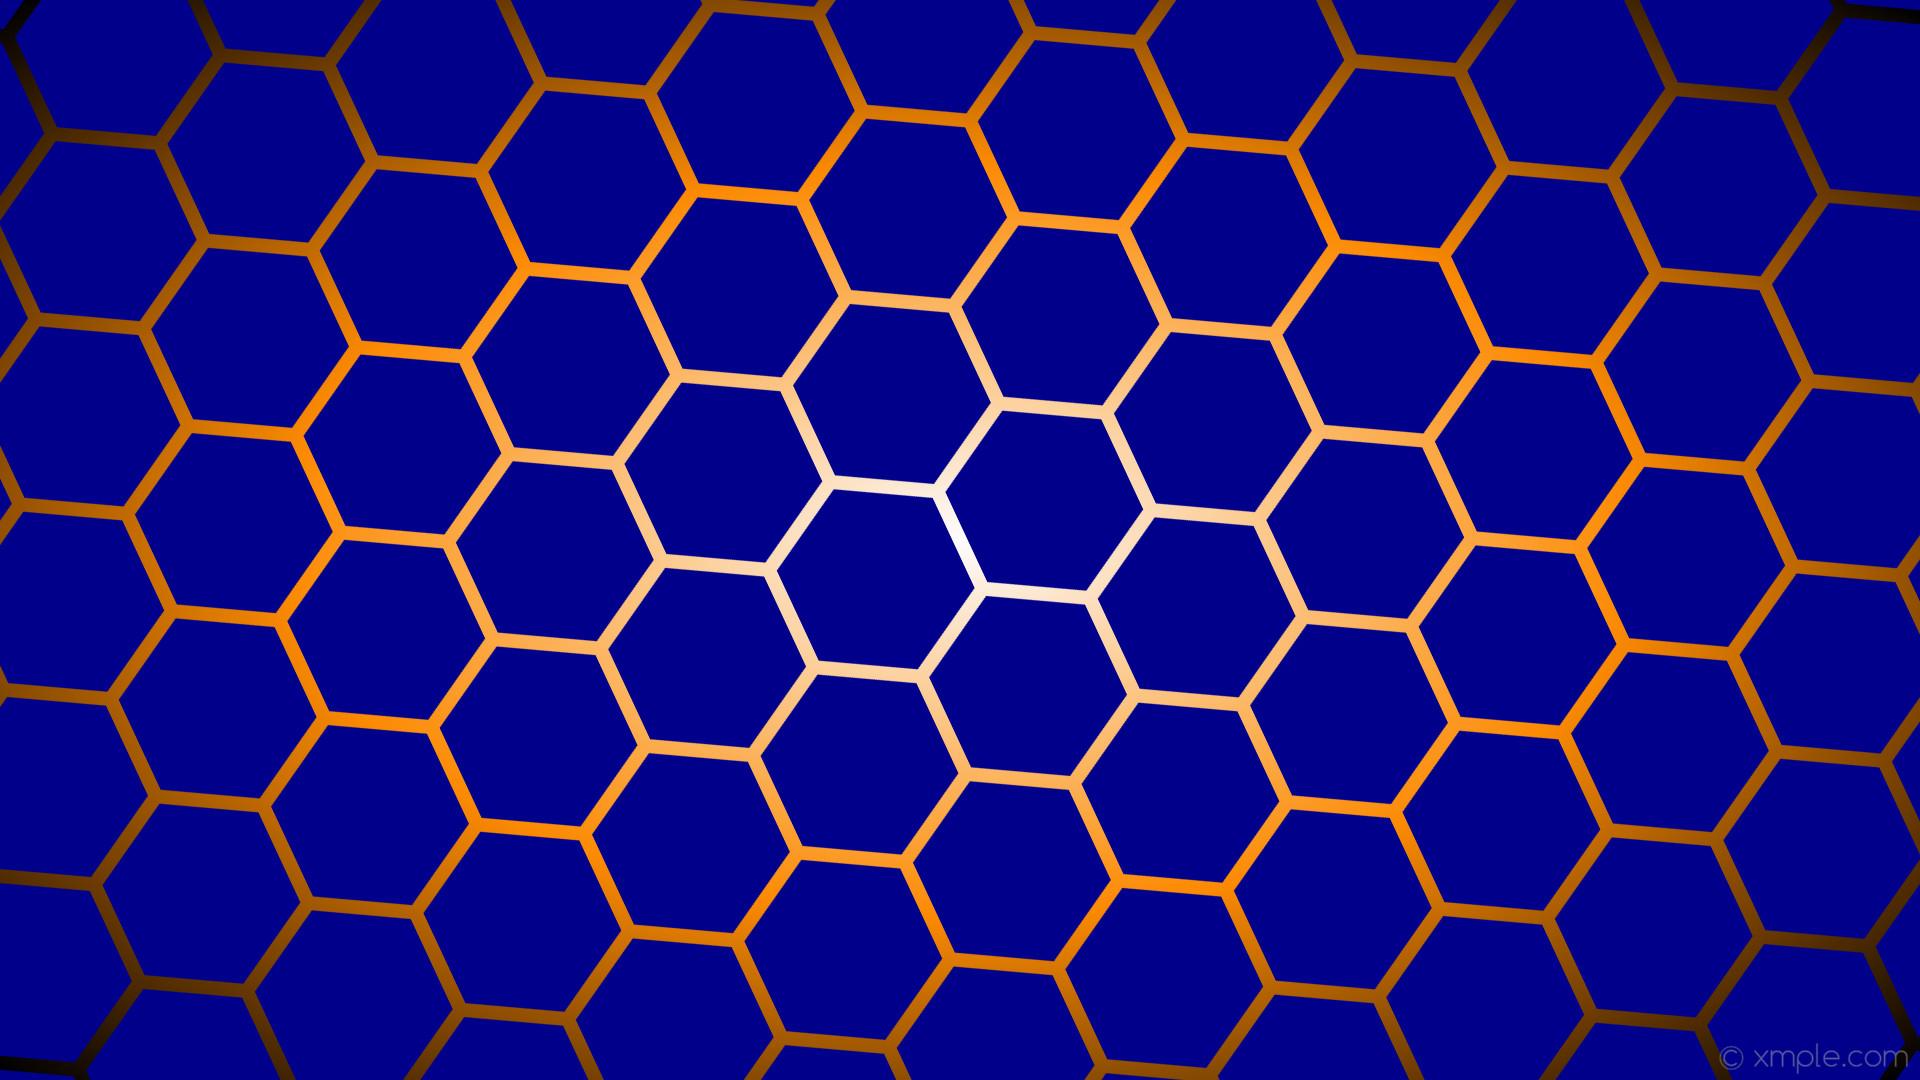 wallpaper hexagon blue orange black gradient white glow dark blue dark  orange #00008b #ffffff